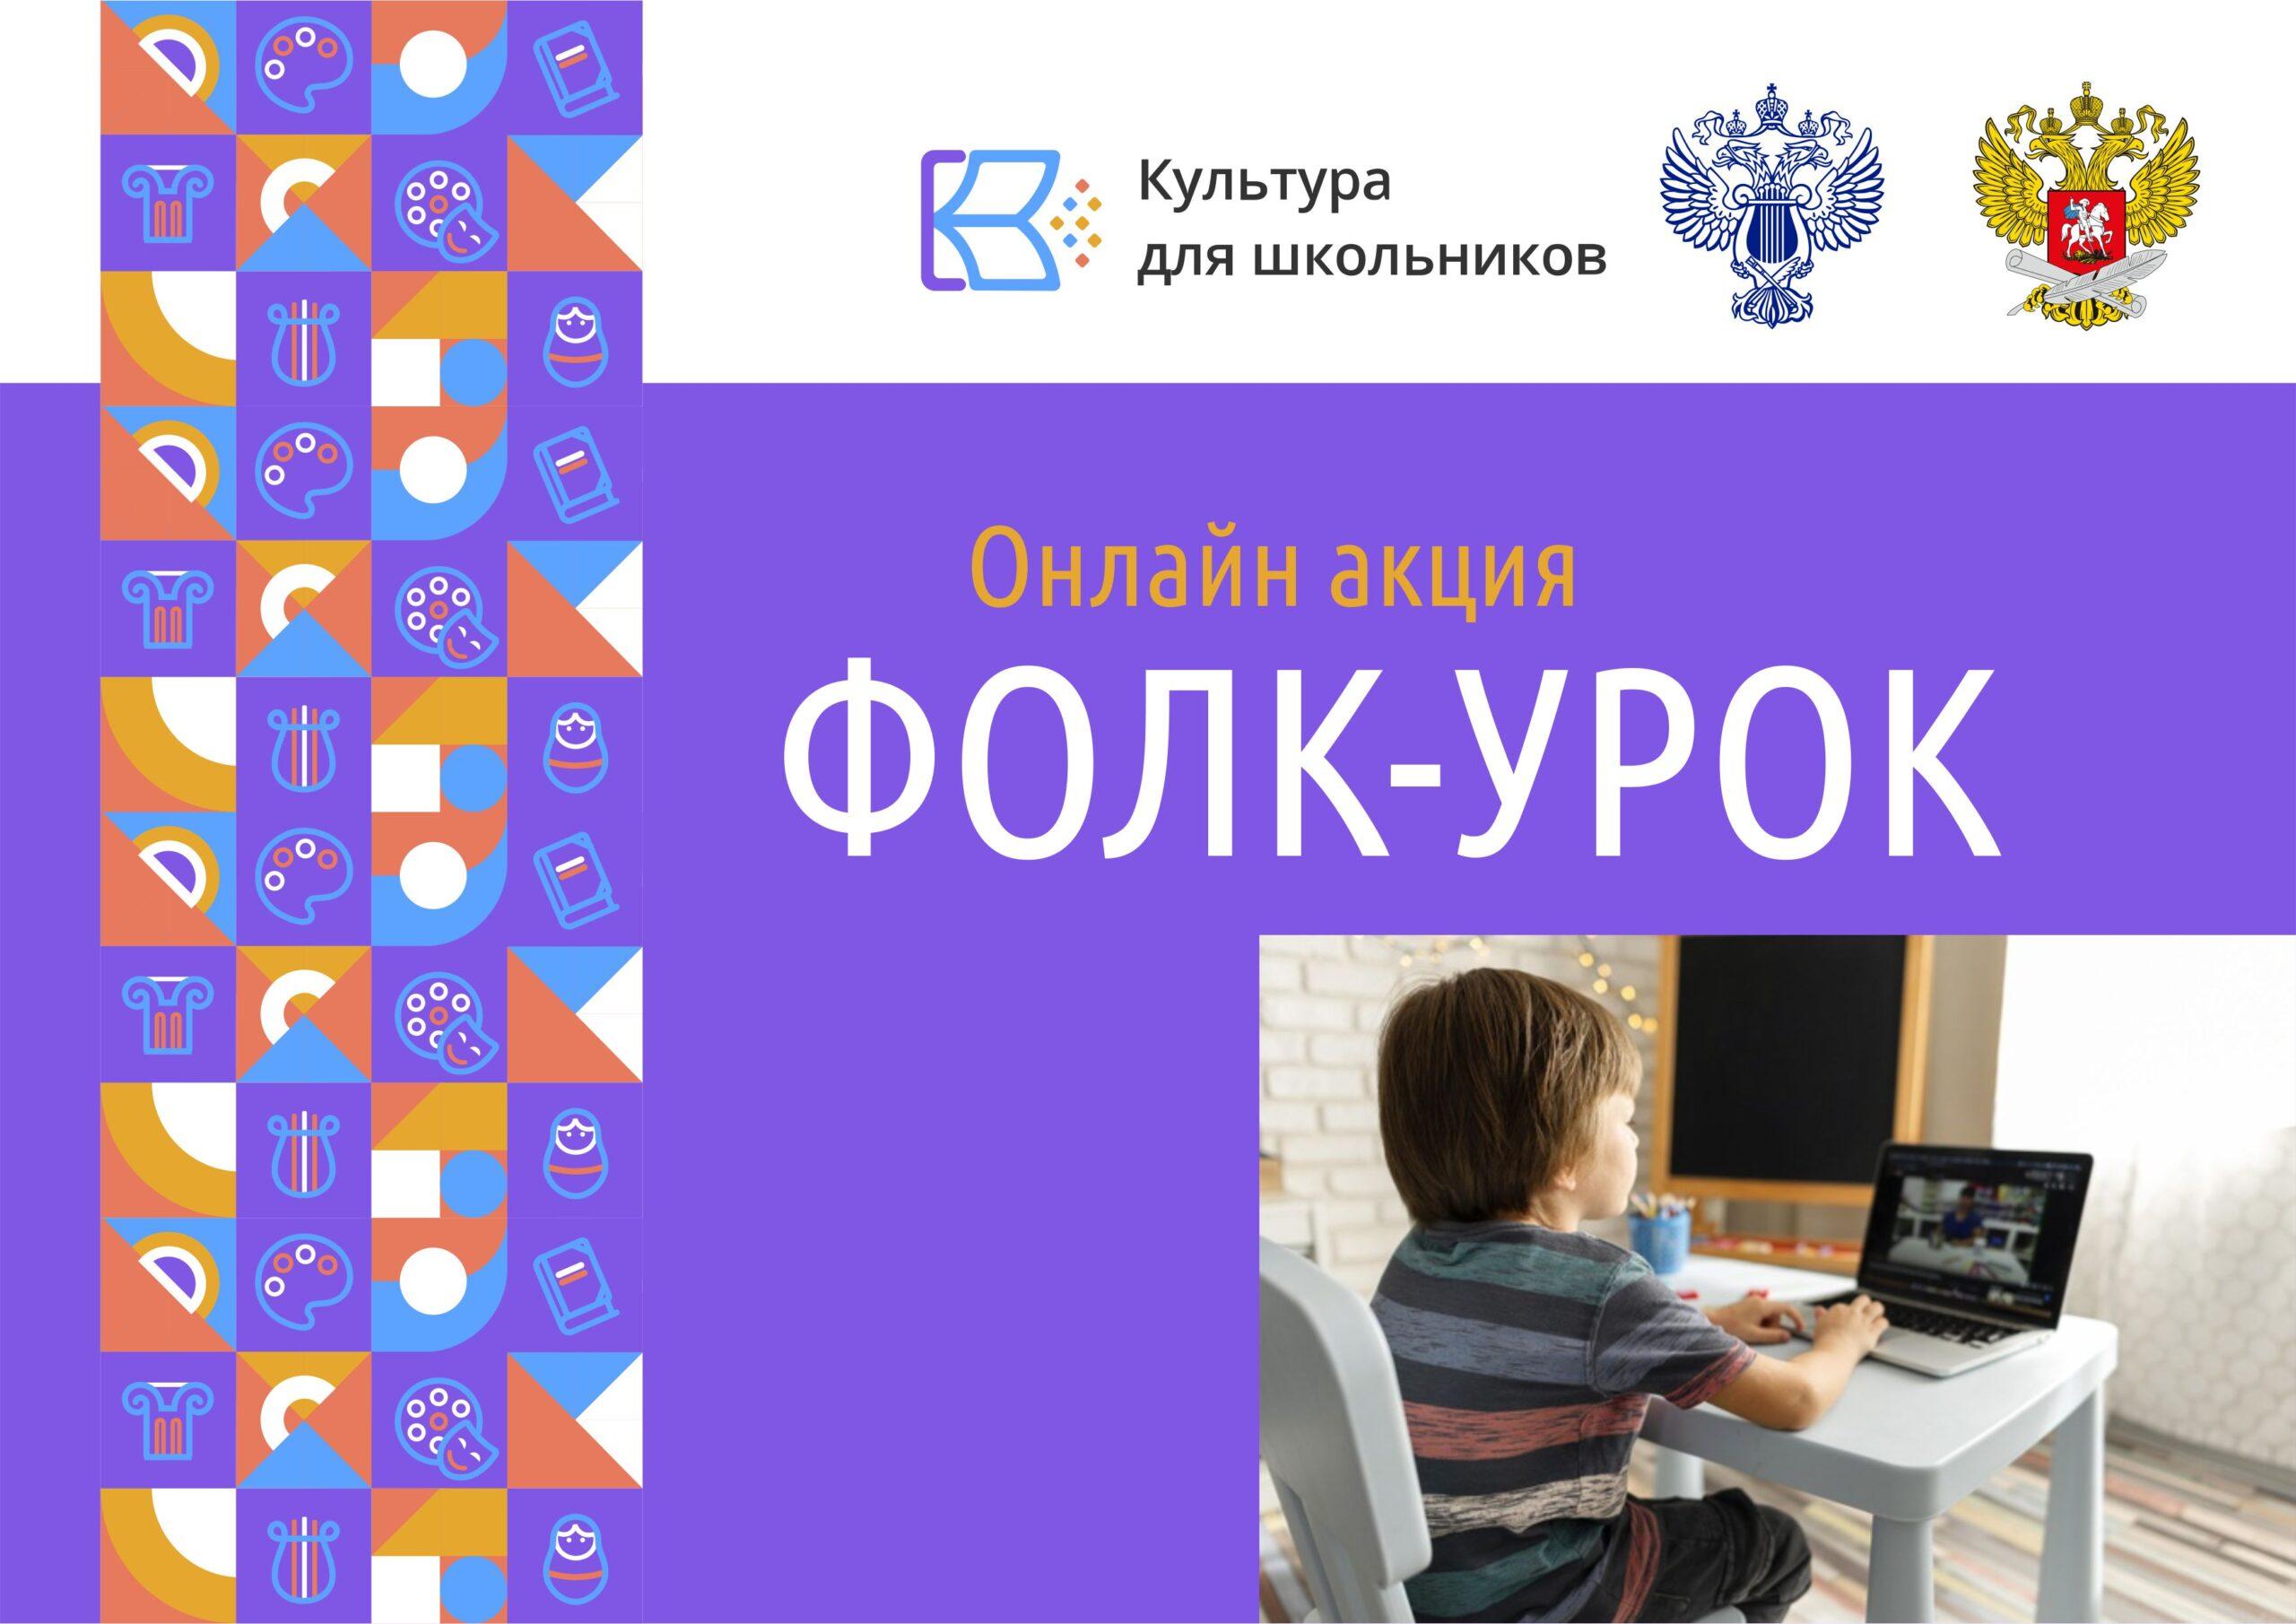 В Астраханской области продолжается Всероссийская акция «Народная культура для школьников»